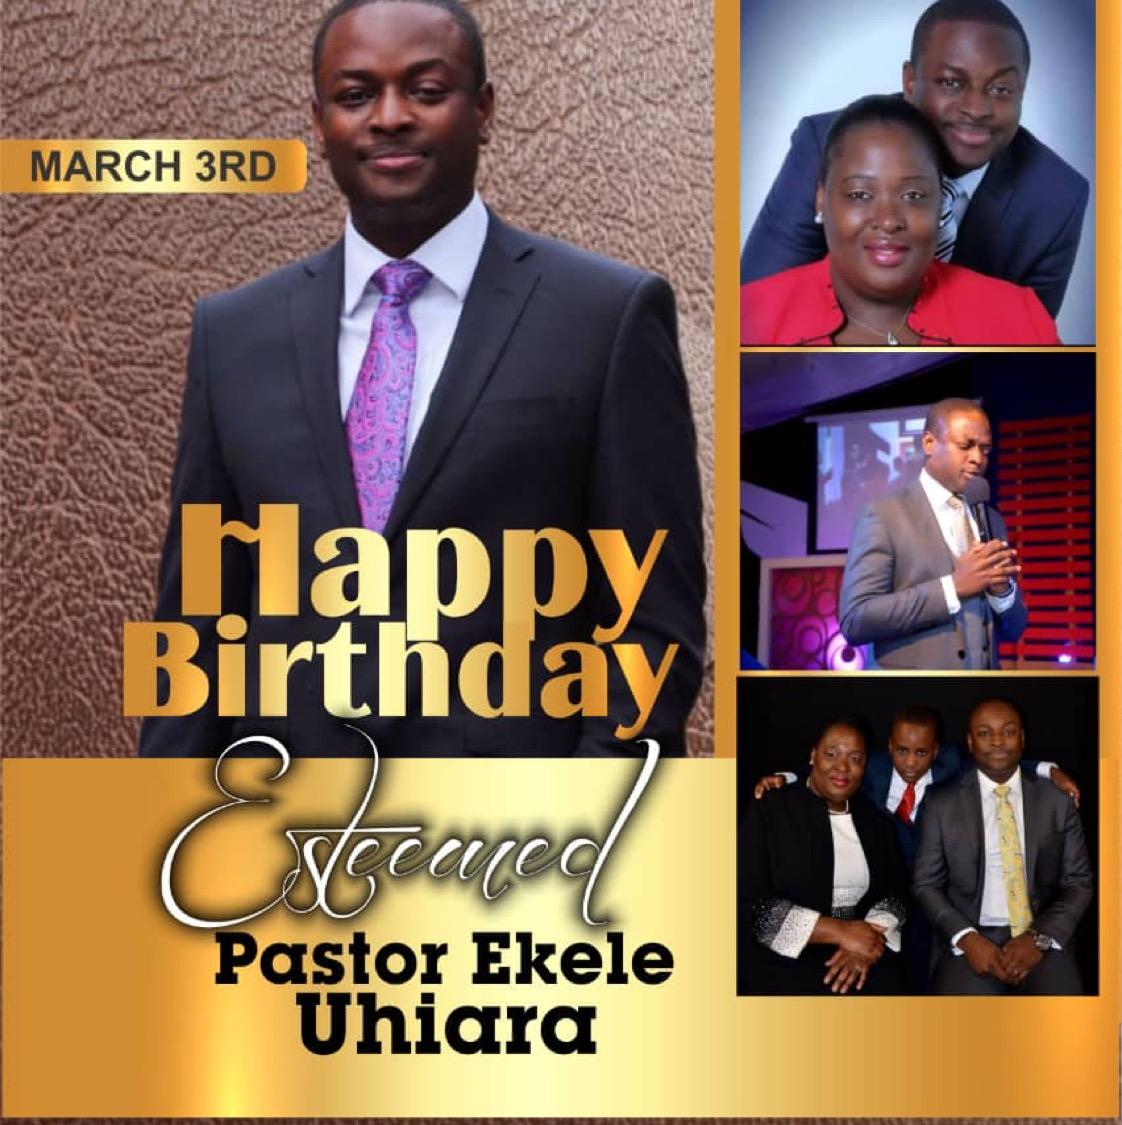 #PEU33 #PastorEkele #HavenzoneA3 Happy Birthday